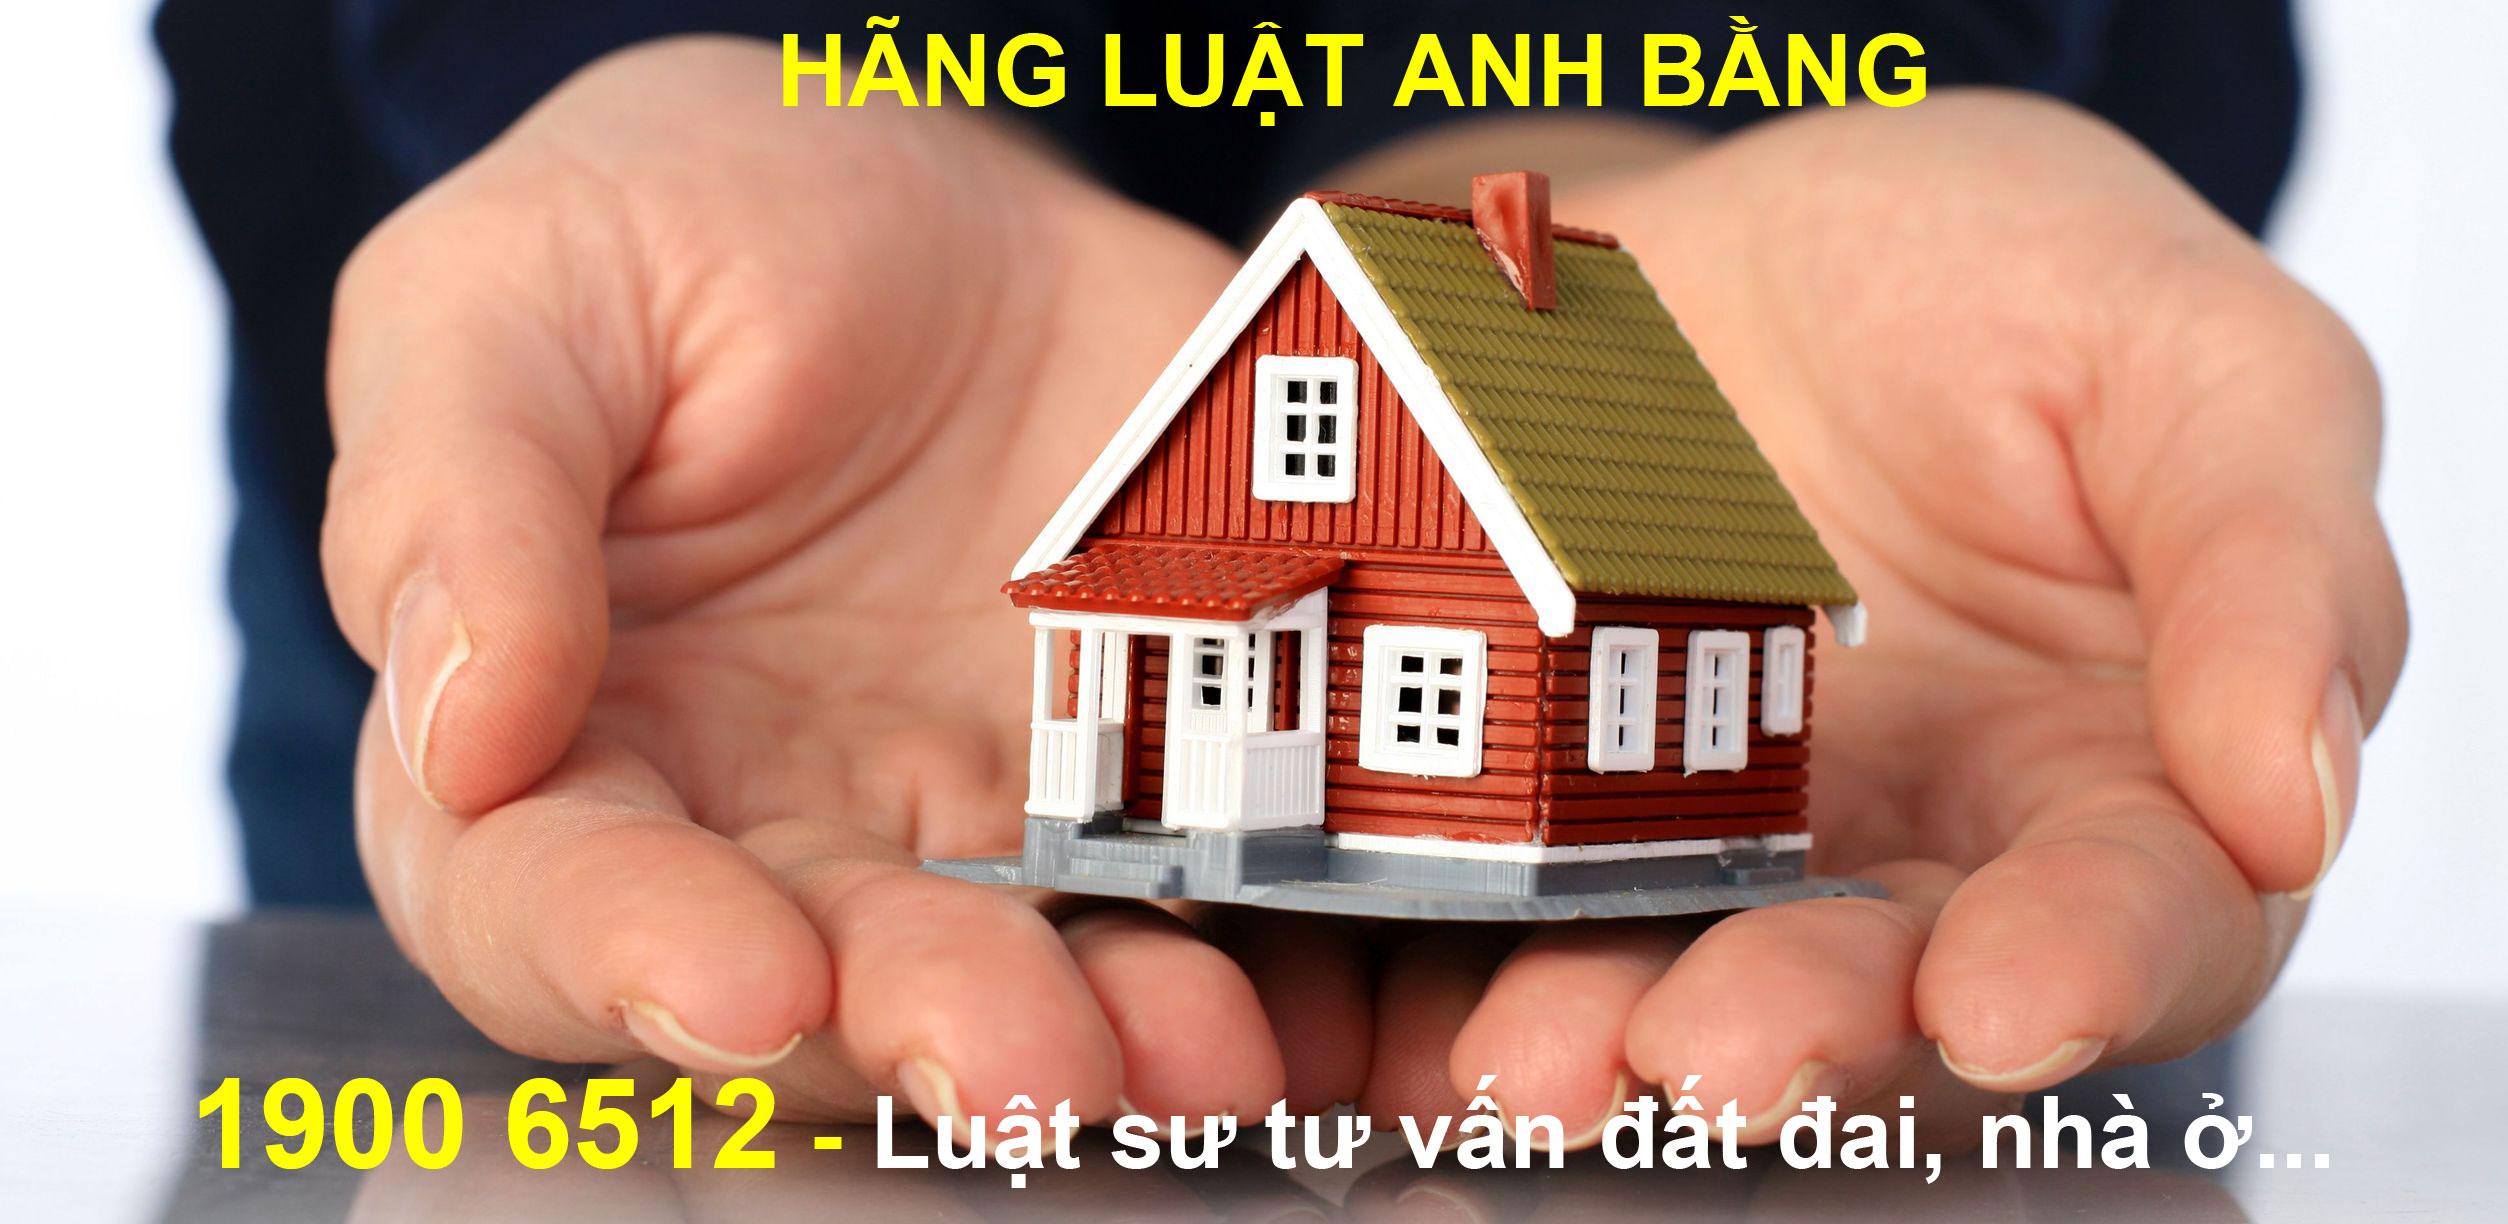 hang-luat-anh-bang-84